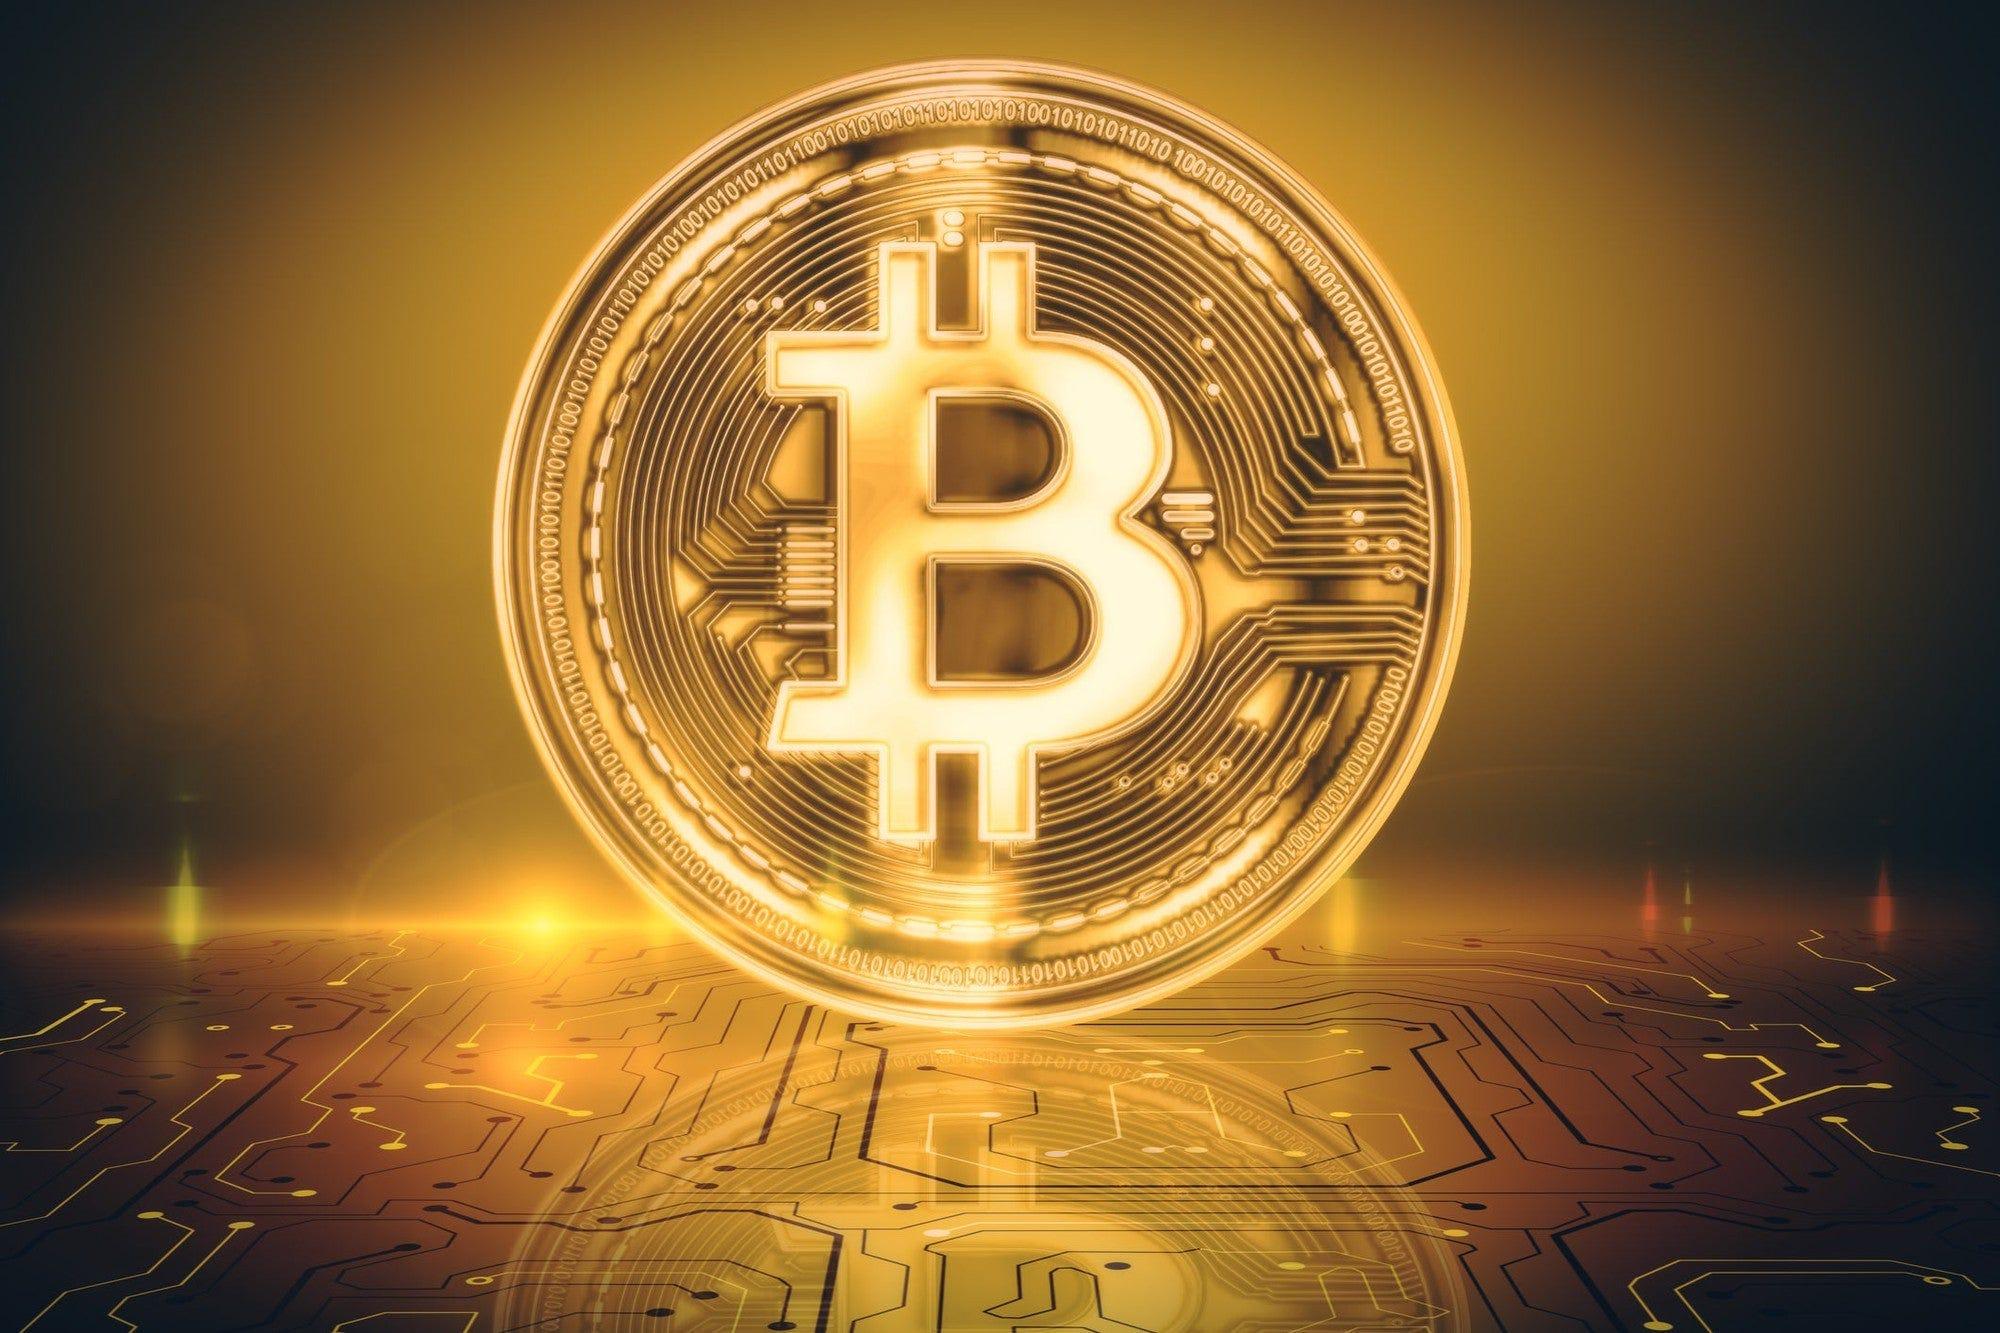 El número de titulares de Bitcoin a corto plazo alcanza el mínimo histórico, cómo esto afecta el precio